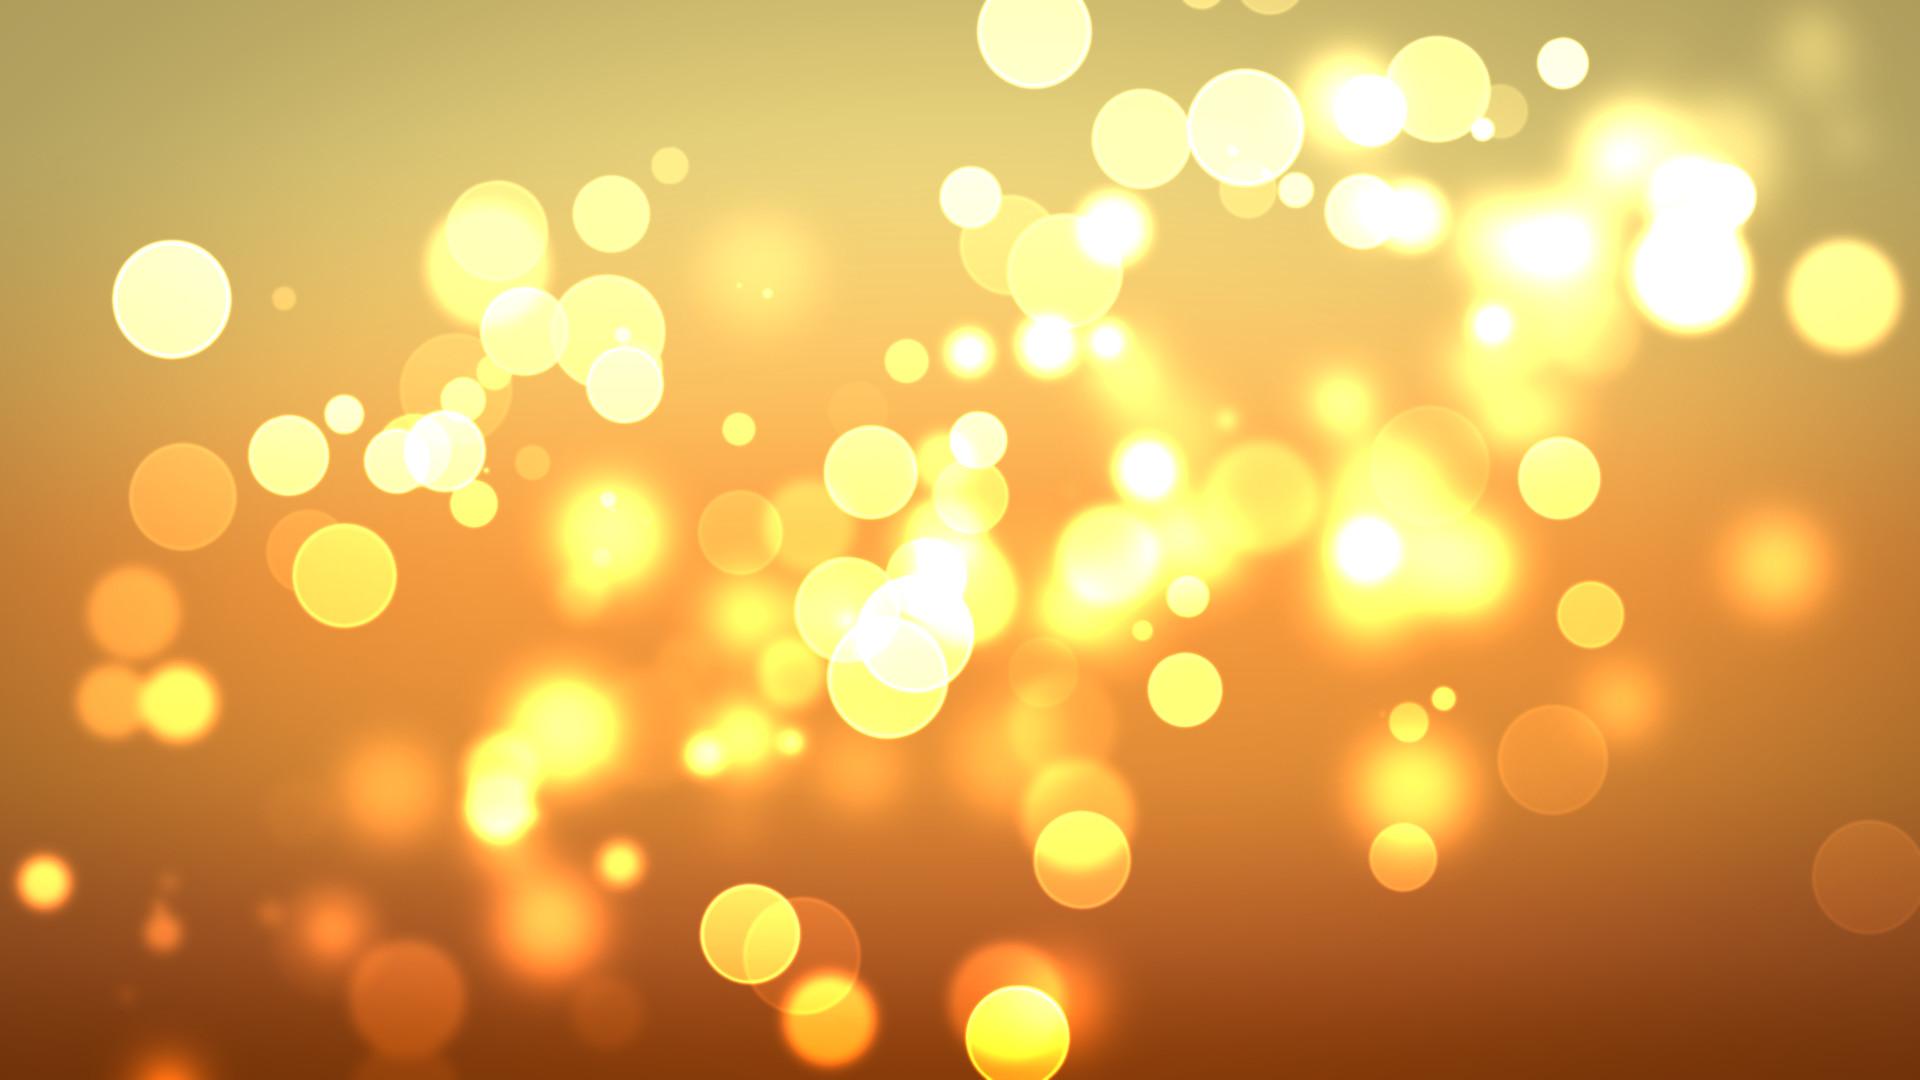 Download Golden circles of light wallpaper